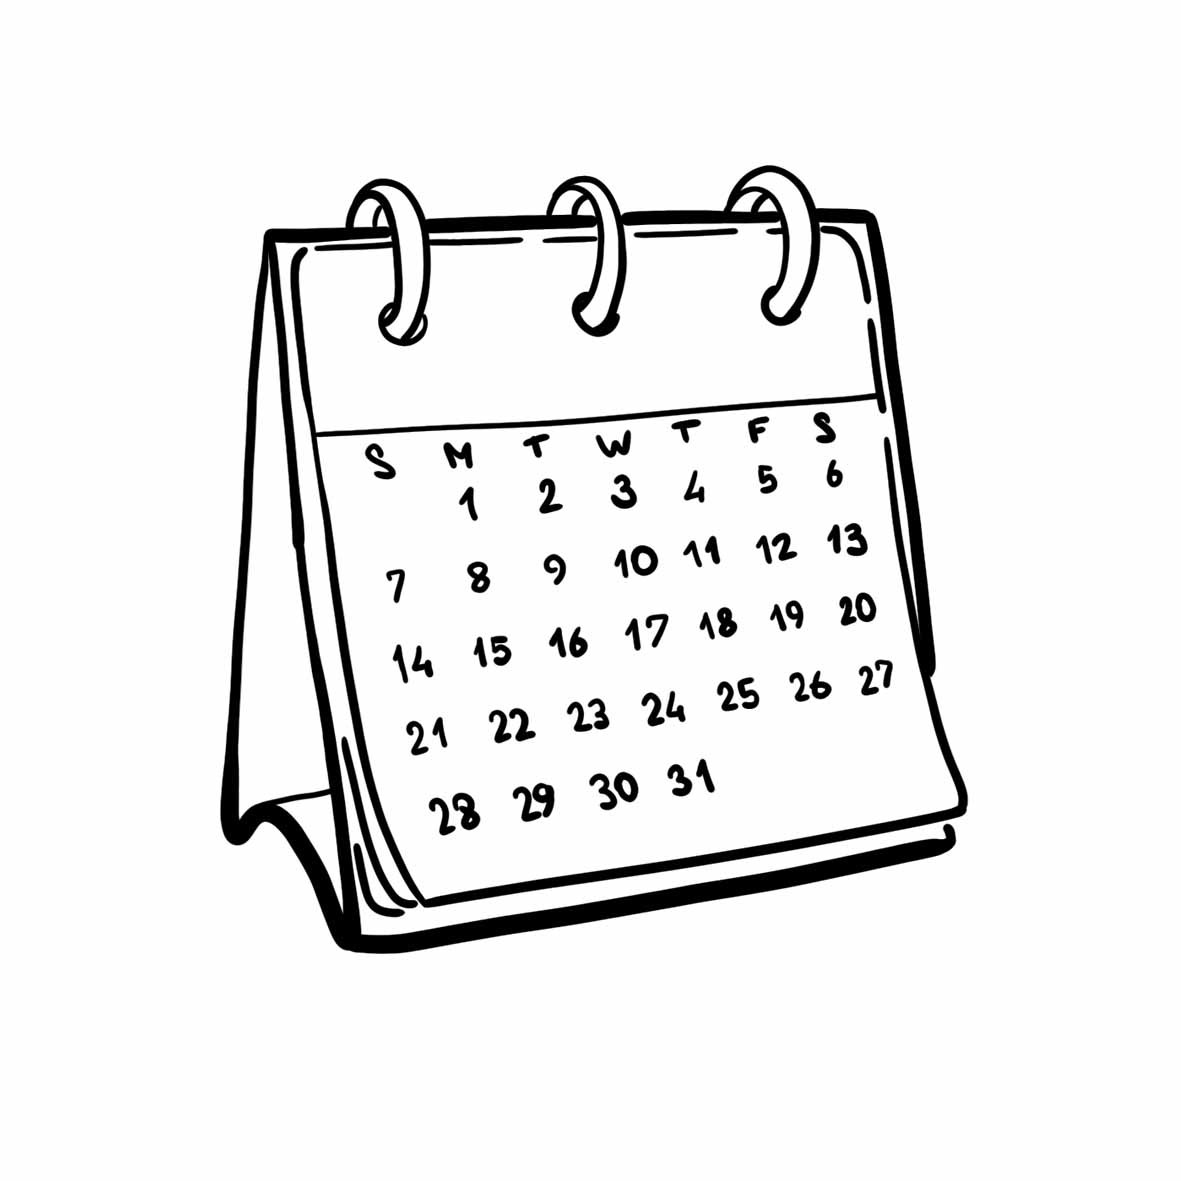 пример настенный календарь картинка на прозрачном фоне мюбимое платье пышной